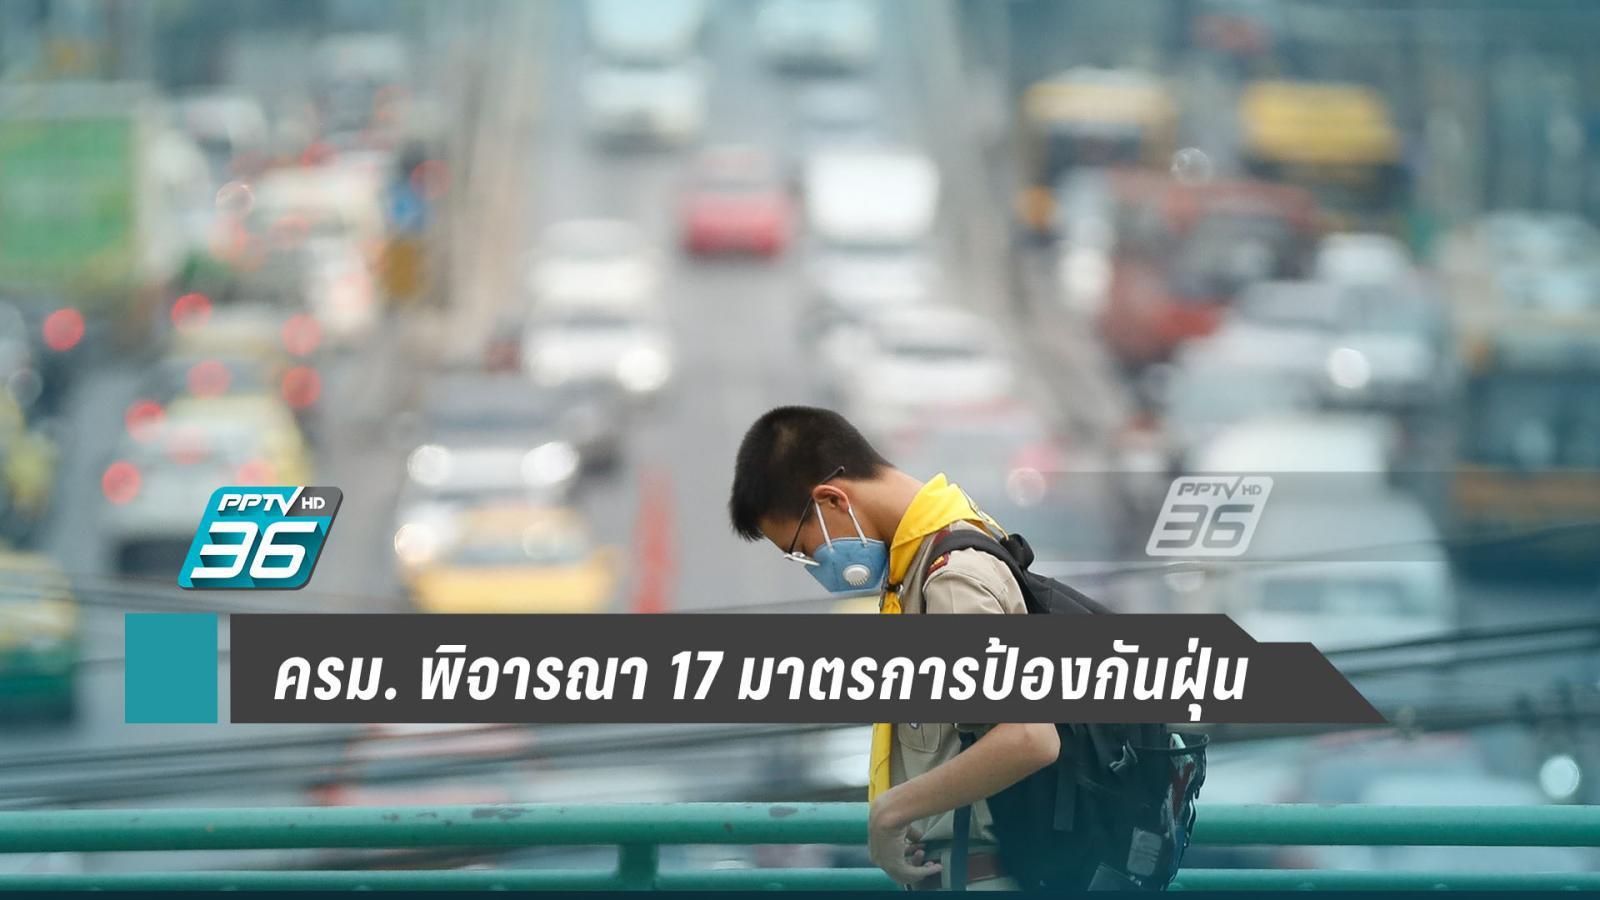 ครม. พิจารณา 17 มาตรการแก้ฝุ่น PM 2.5